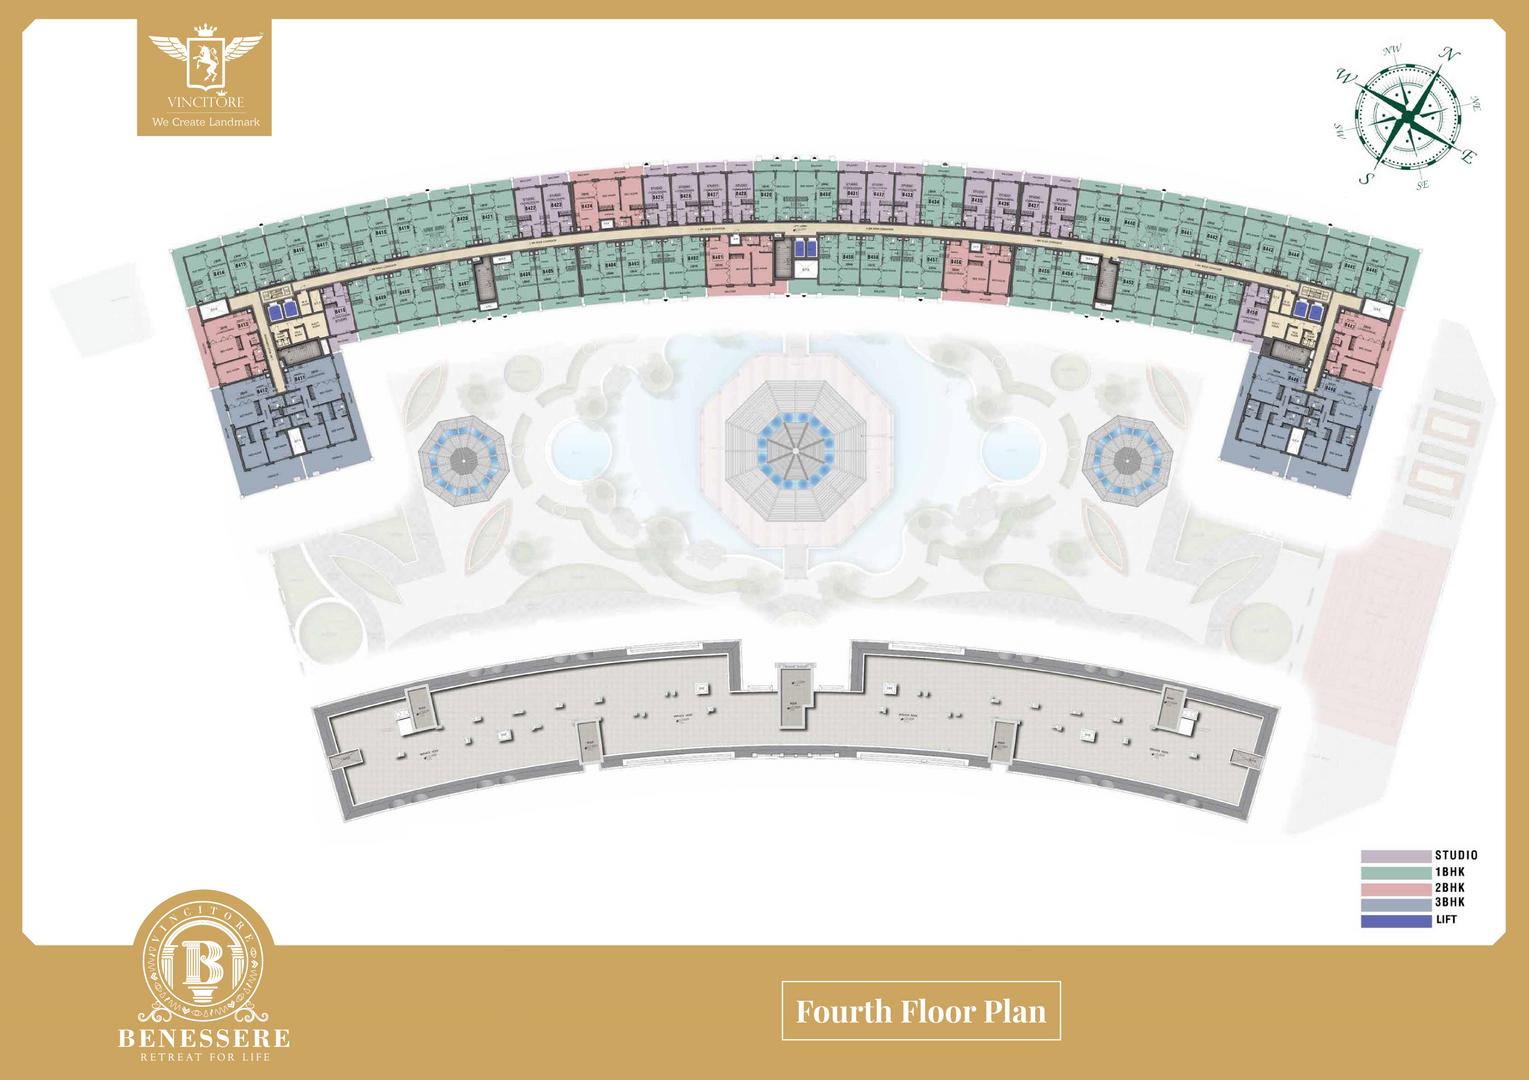 Vincitore-Benessere-in-Arjan-Floor-Plans